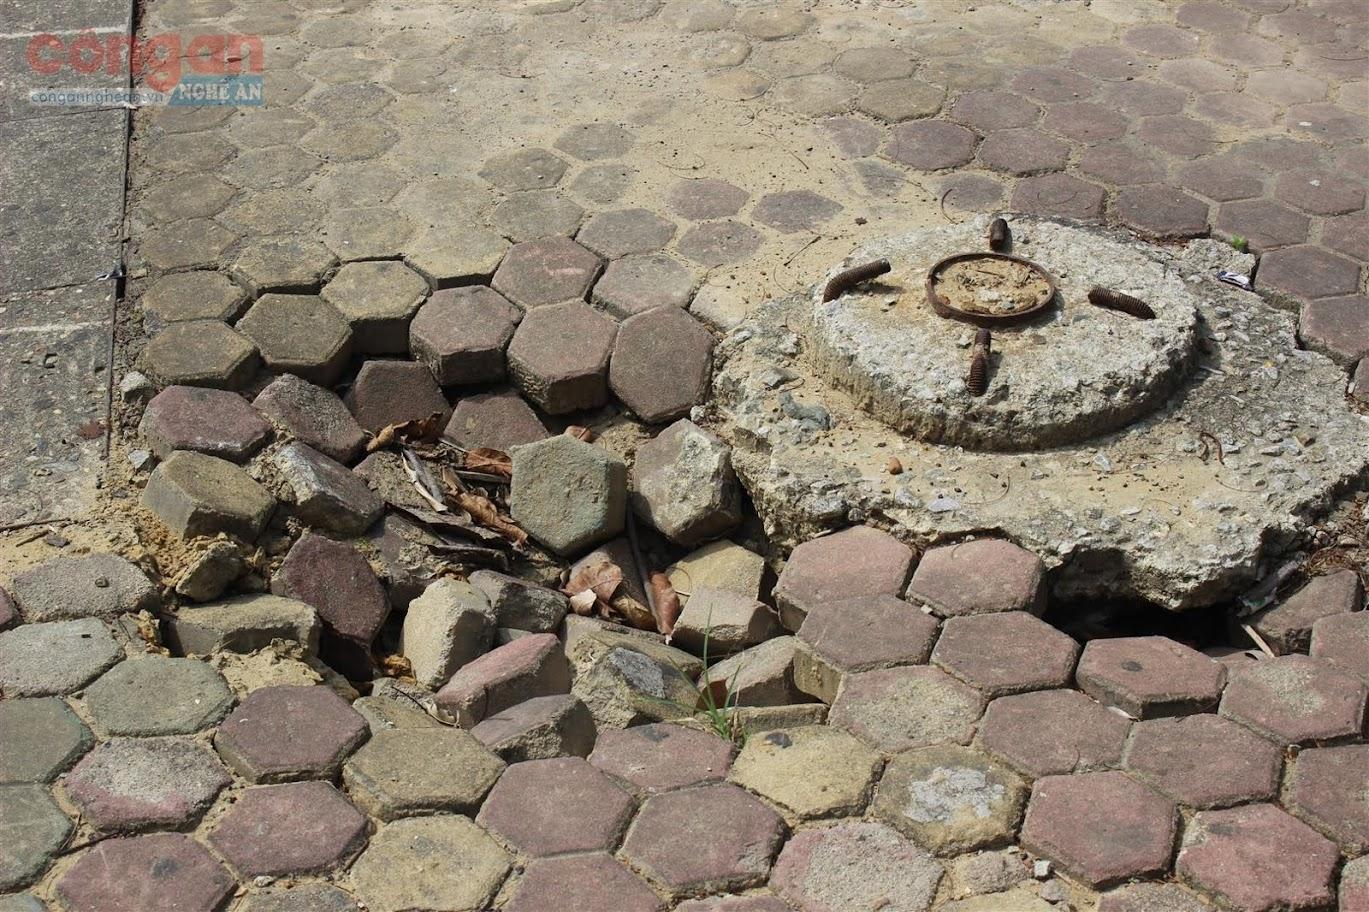 Tương tự, tại tuyến đường Lê Hồng Phong, vỉa hè hai bên đường lồi lõm, vỡ nát. Có chỗ nền đá lót vỉa hè còn nứt toạc ra, nhô lên cao hẳn so với mặt đất khiến vỉa hè hoàn toàn bị biến dạng, gập ghềnh.